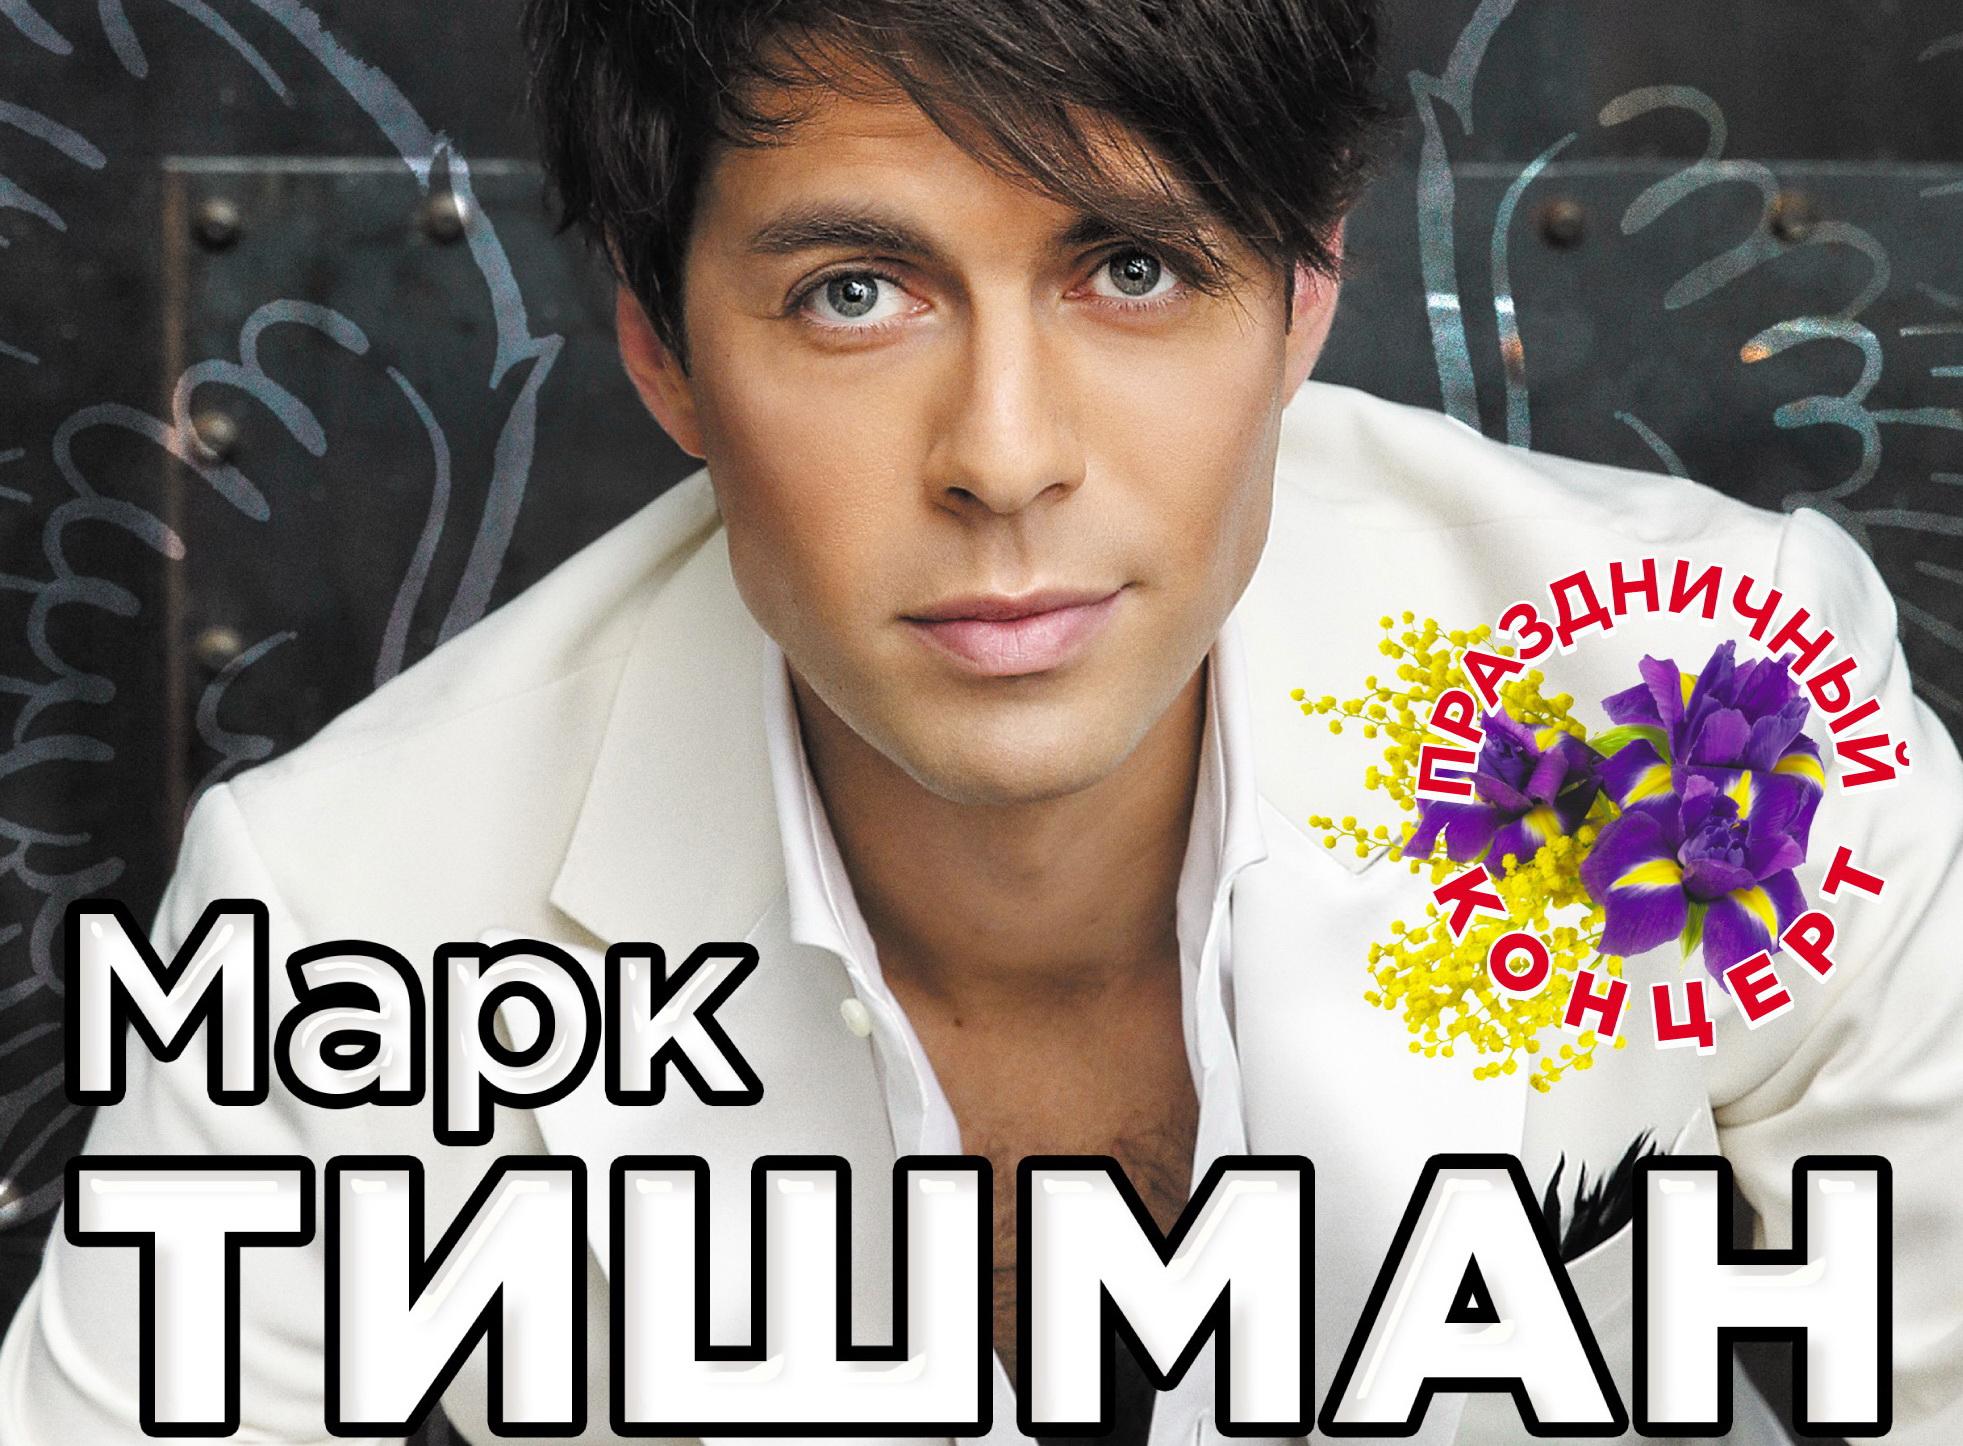 Купить билет на концерт Марка Тишмана 8 марта на сайте www.icetickets.ru